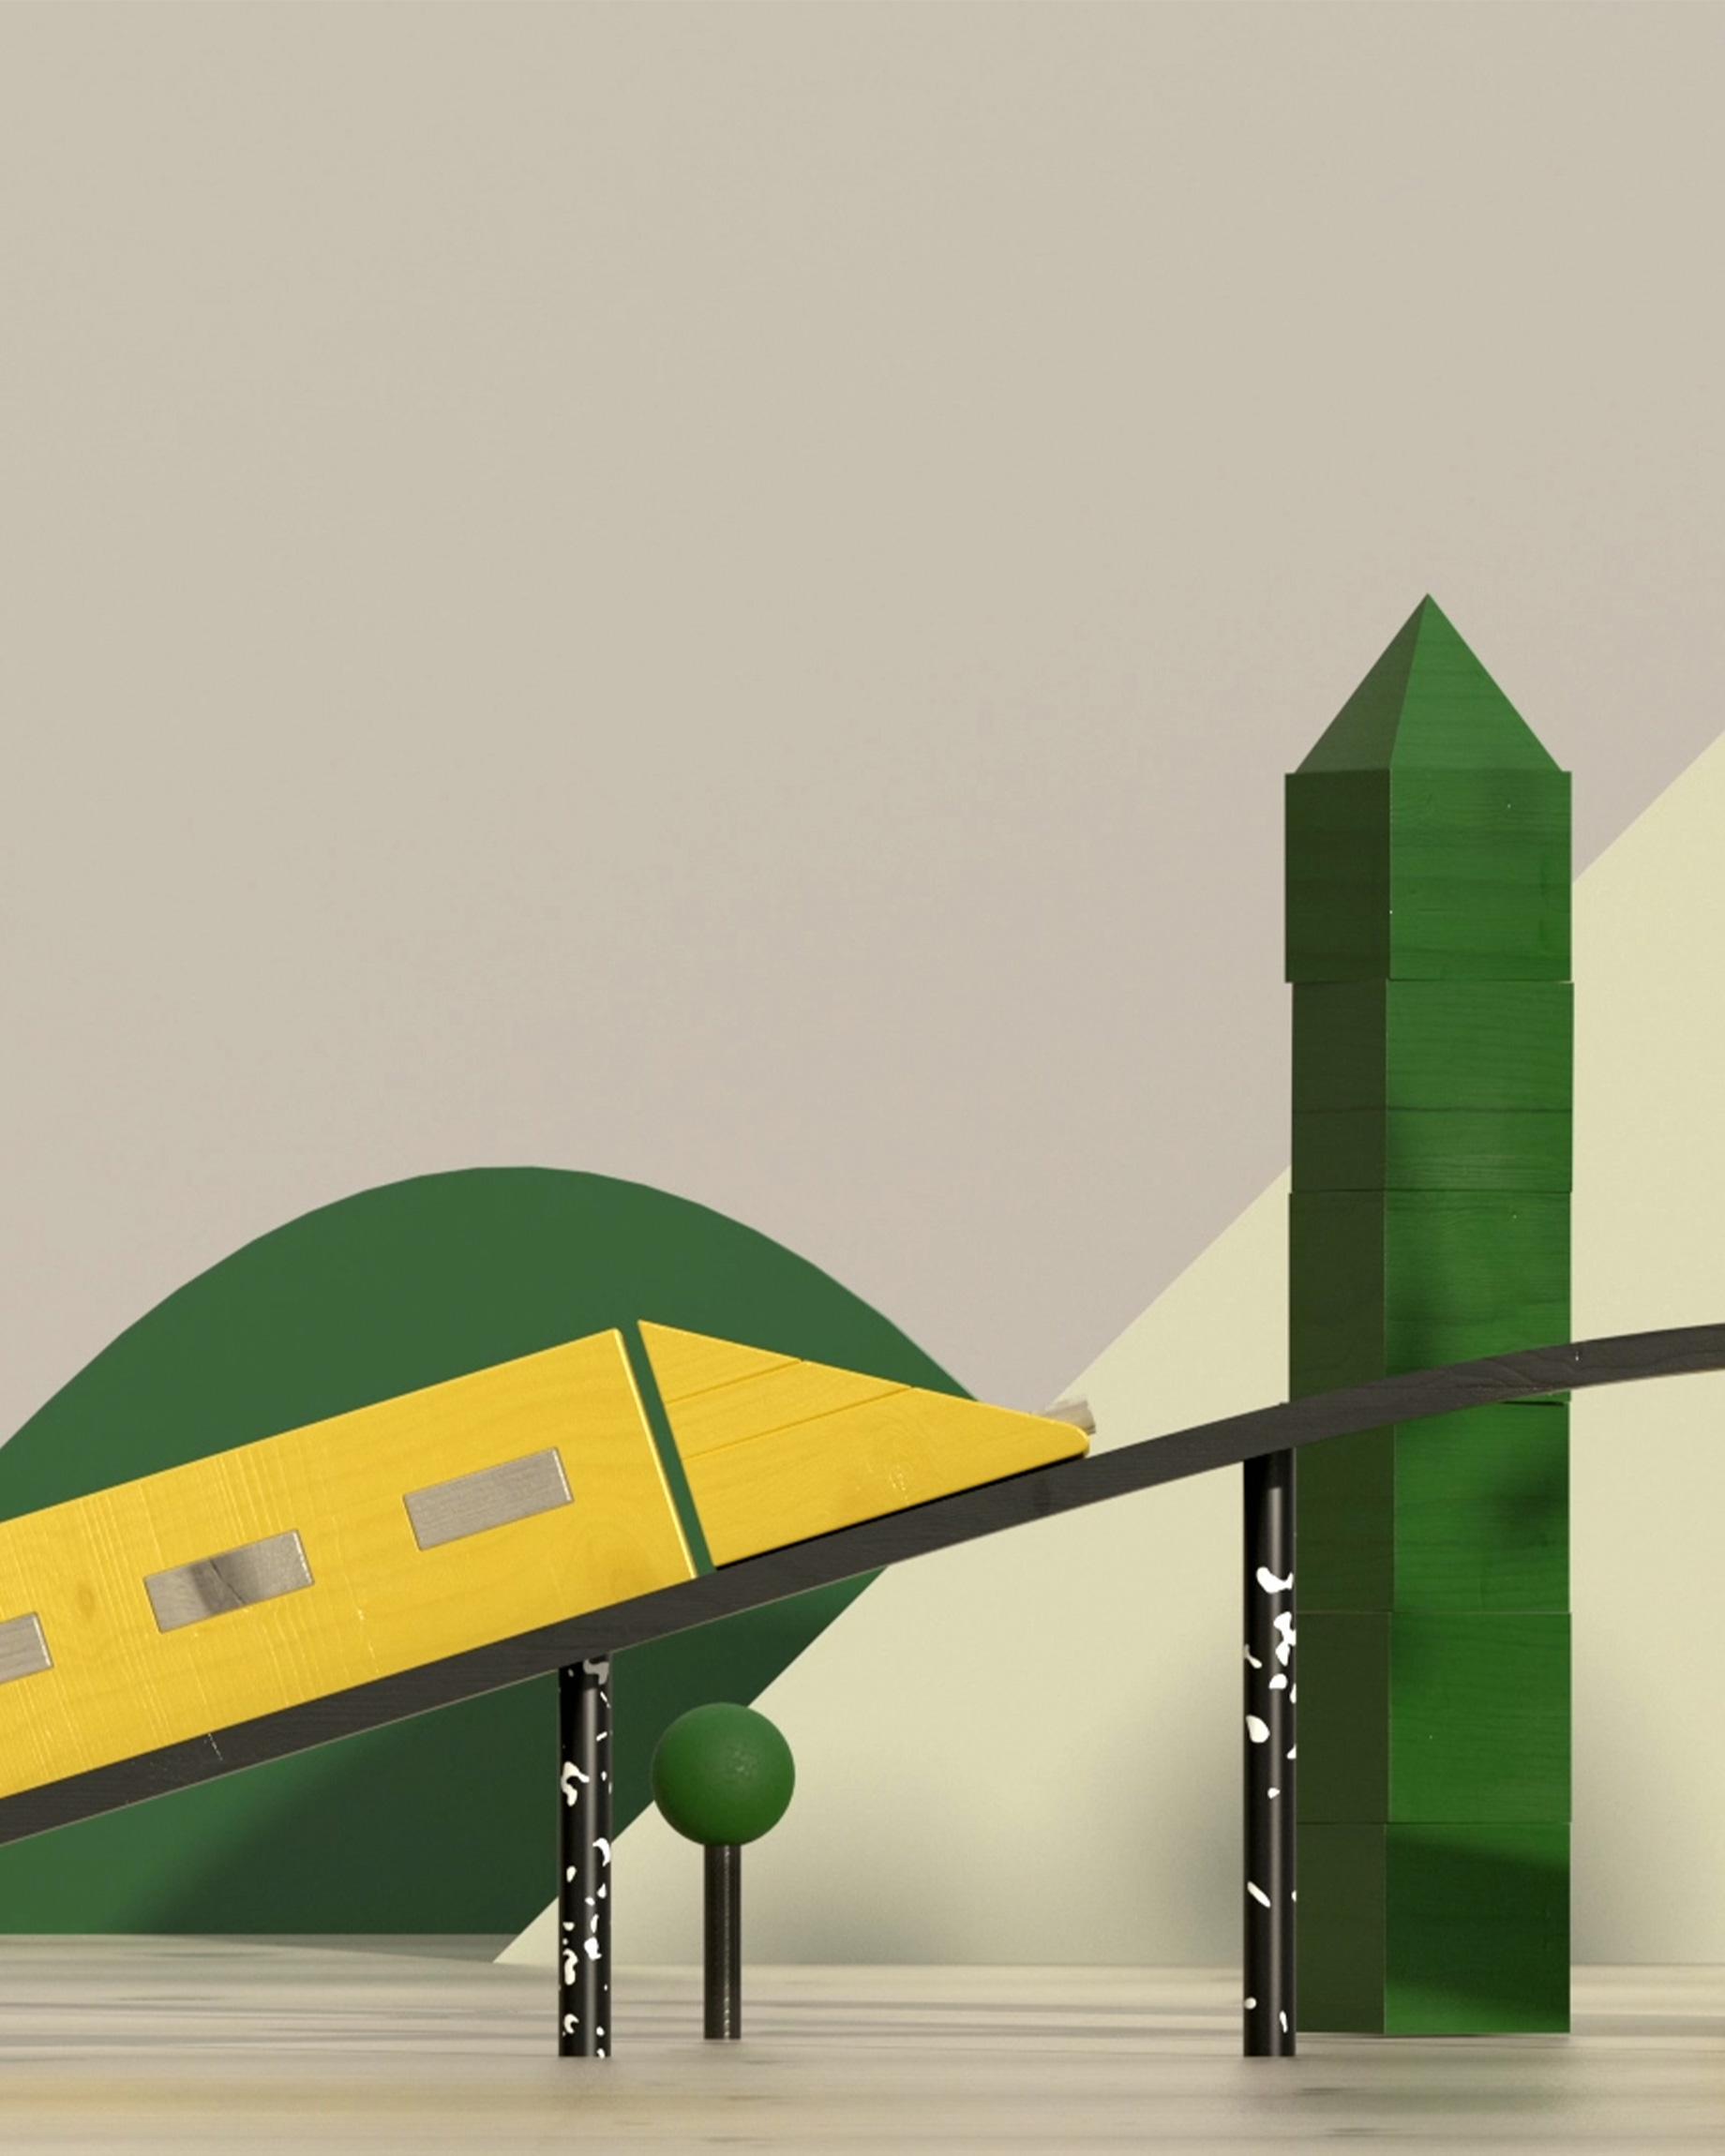 Nya stambanor train